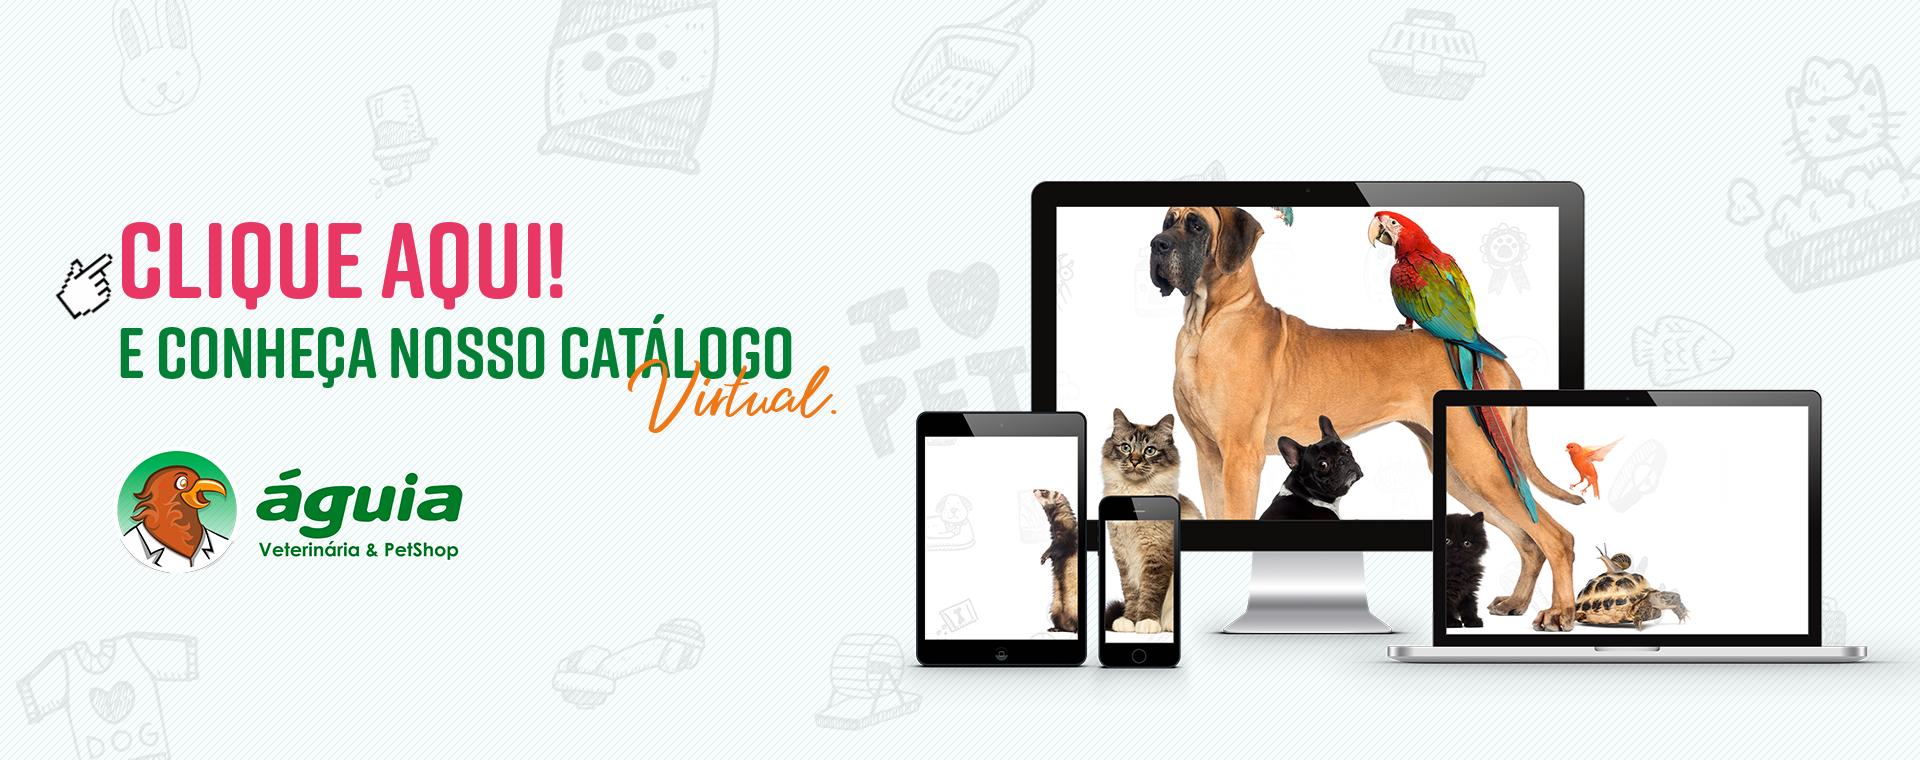 Conheça nosso catálogo